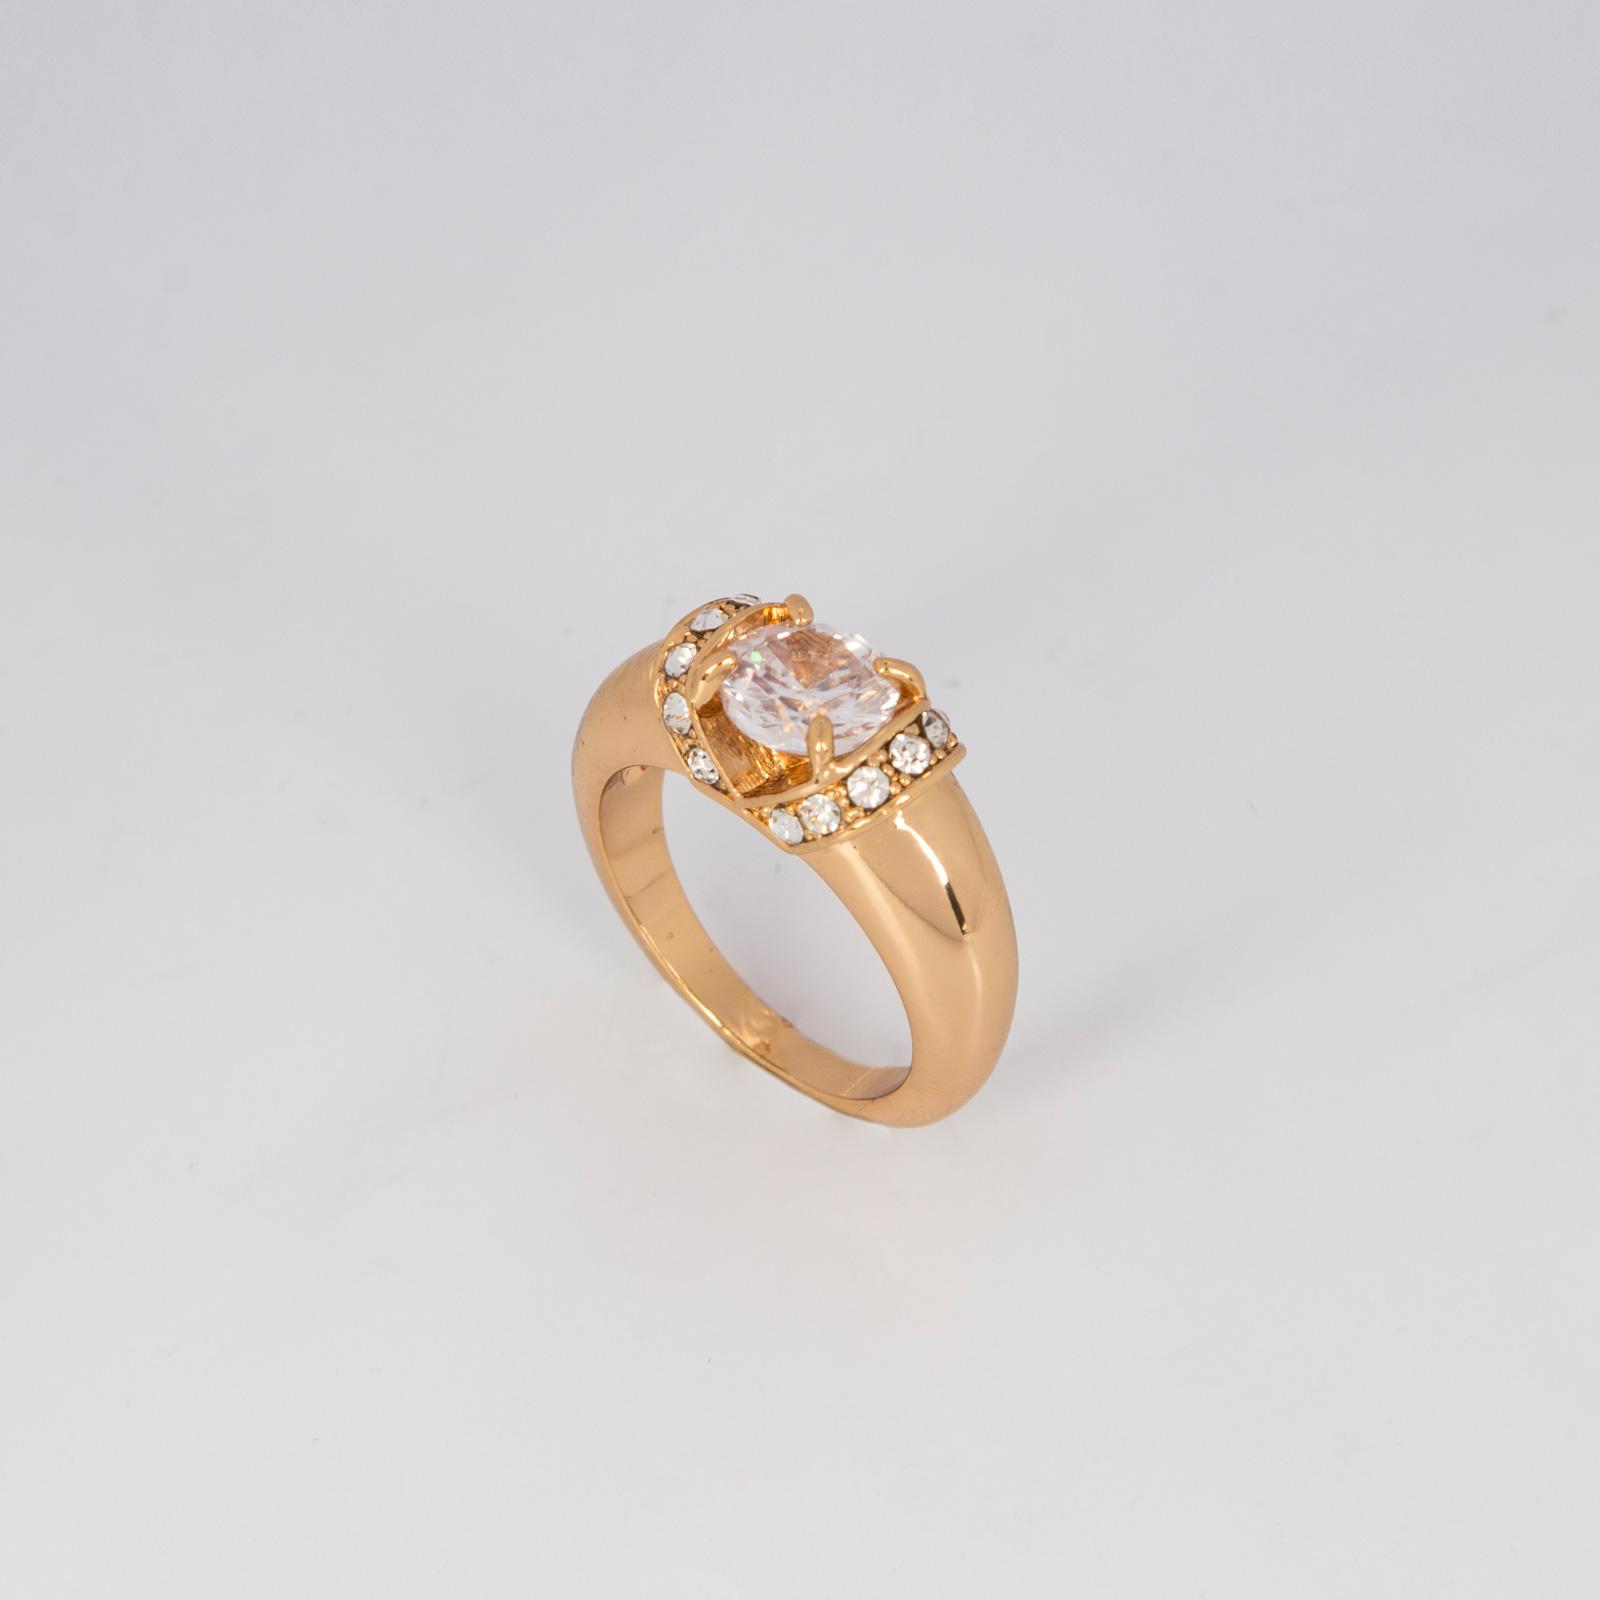 Кольцо «Элегант» купить браслет пандора в интернет магазине оригинал